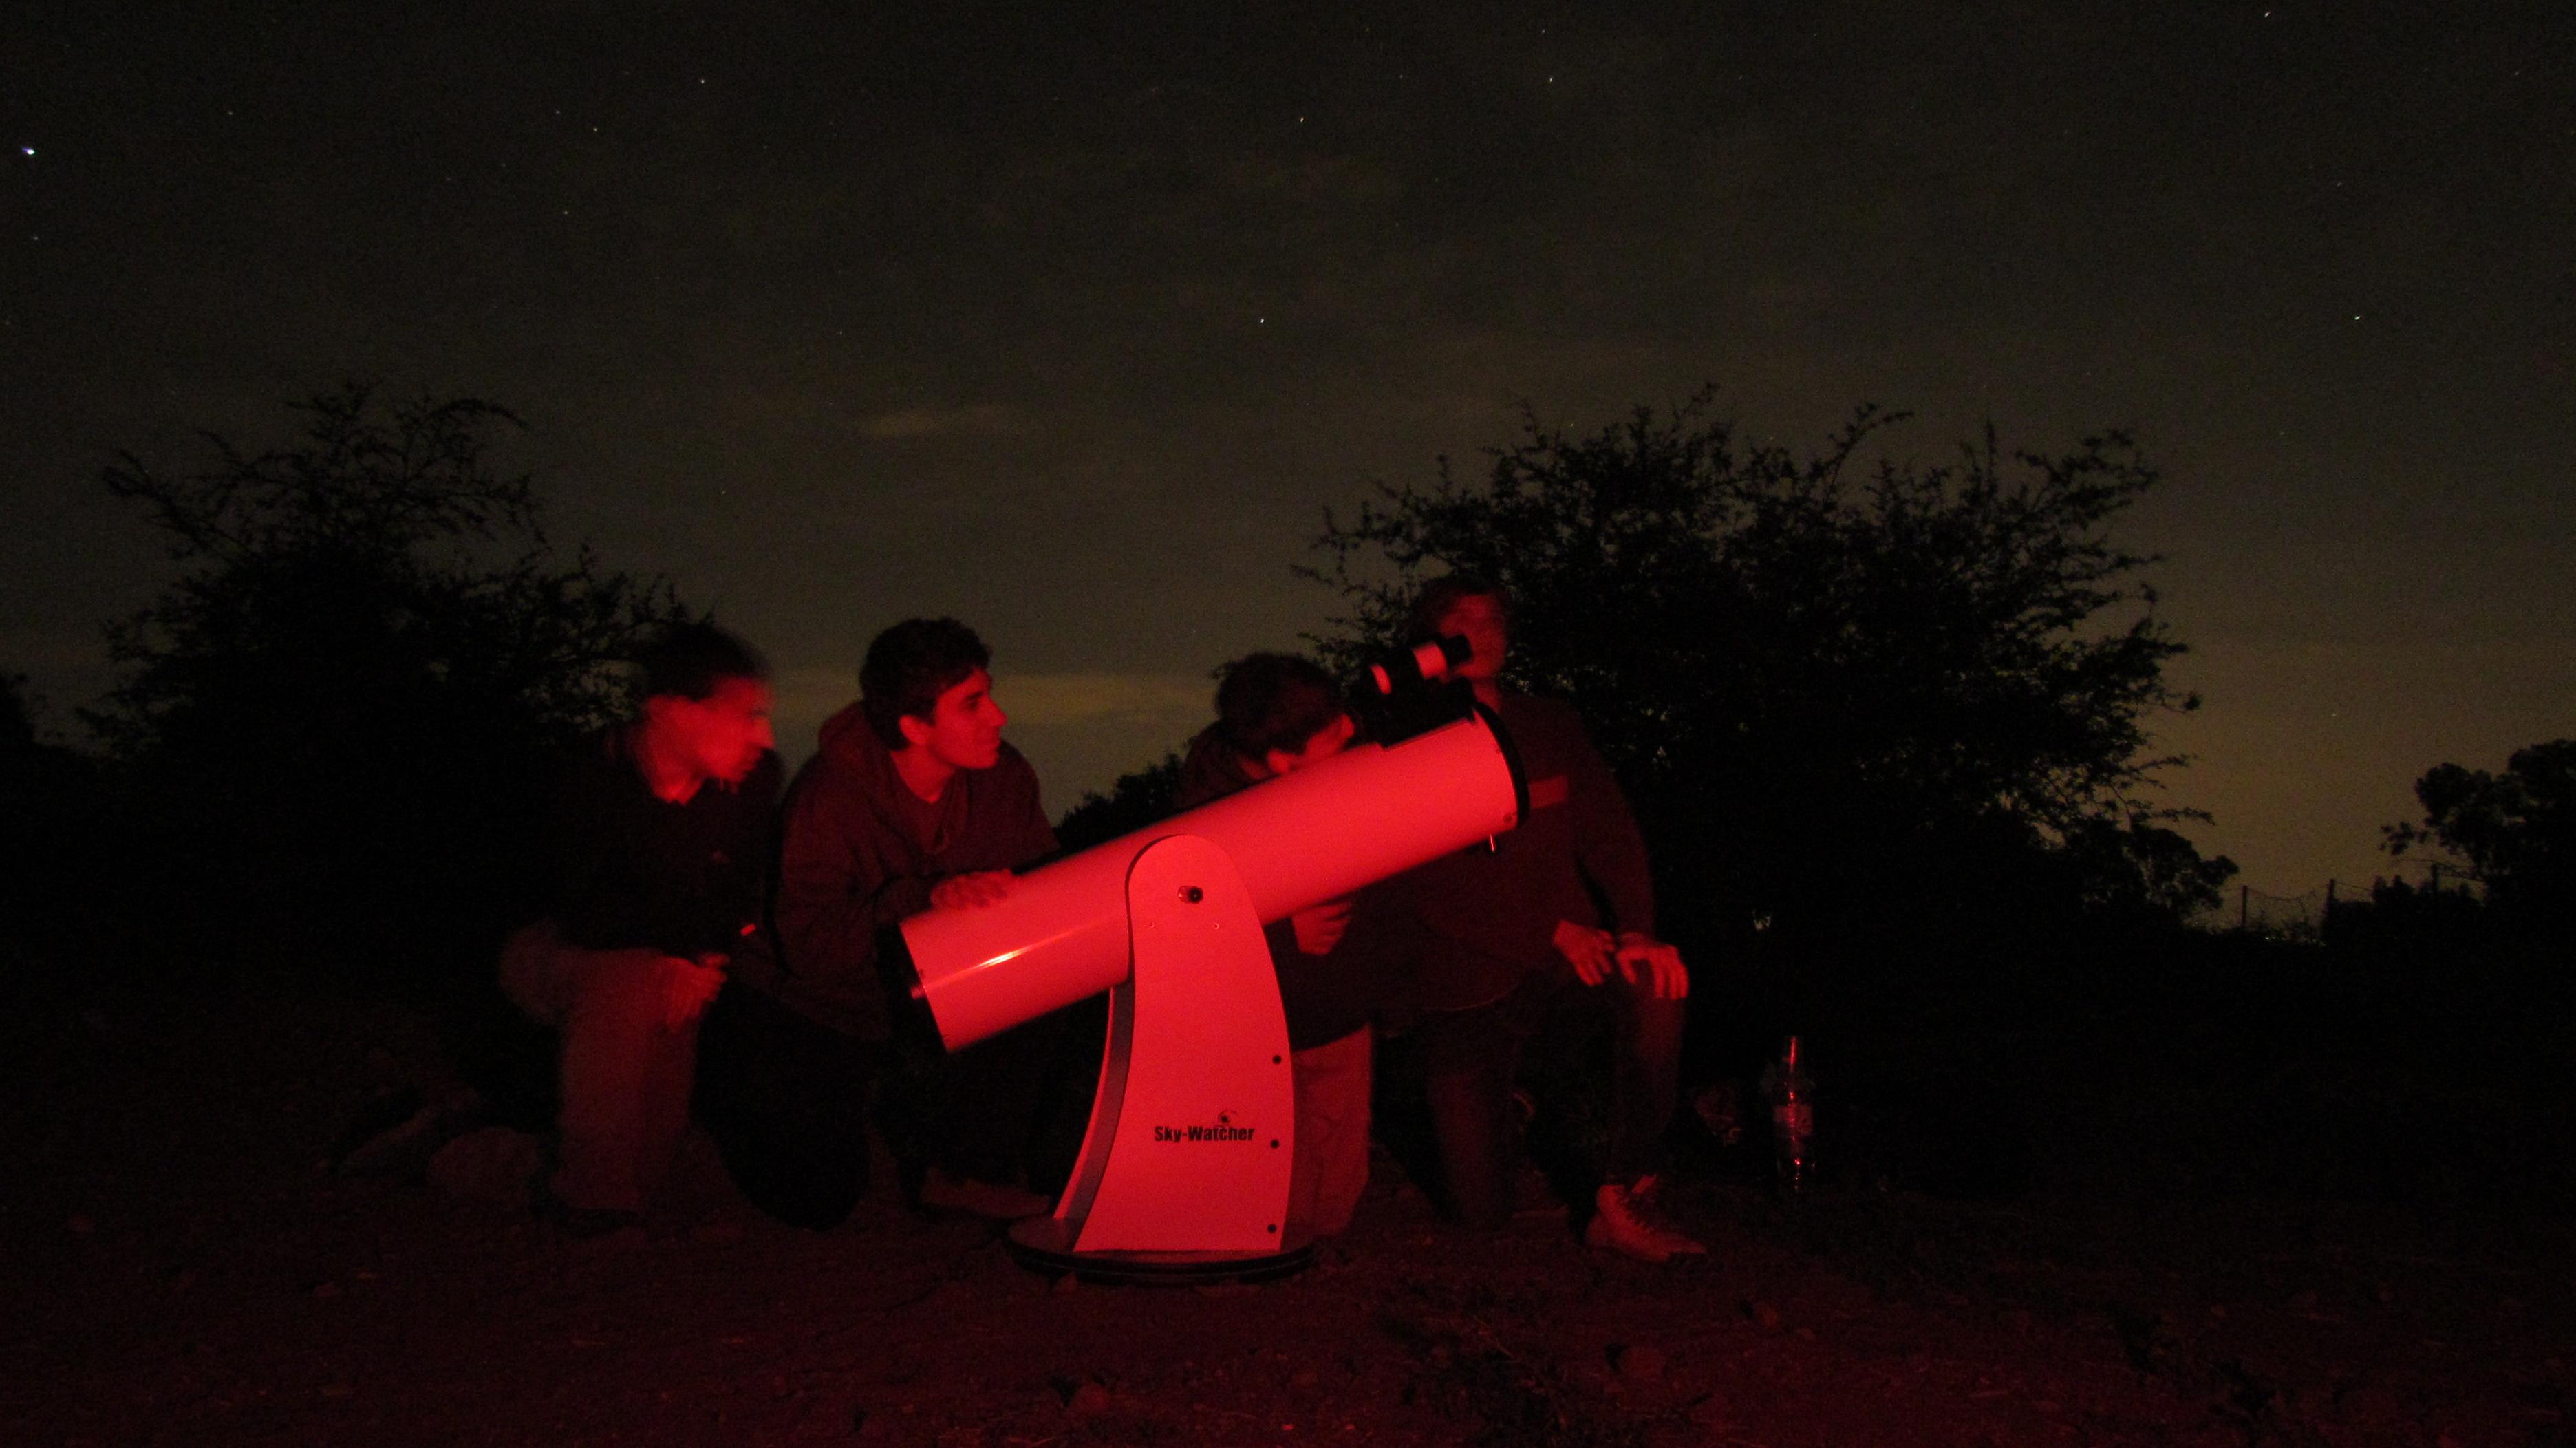 ליל מטאורים בגן לאומי כוכב הירדן (צילום: אריאב בולדו)